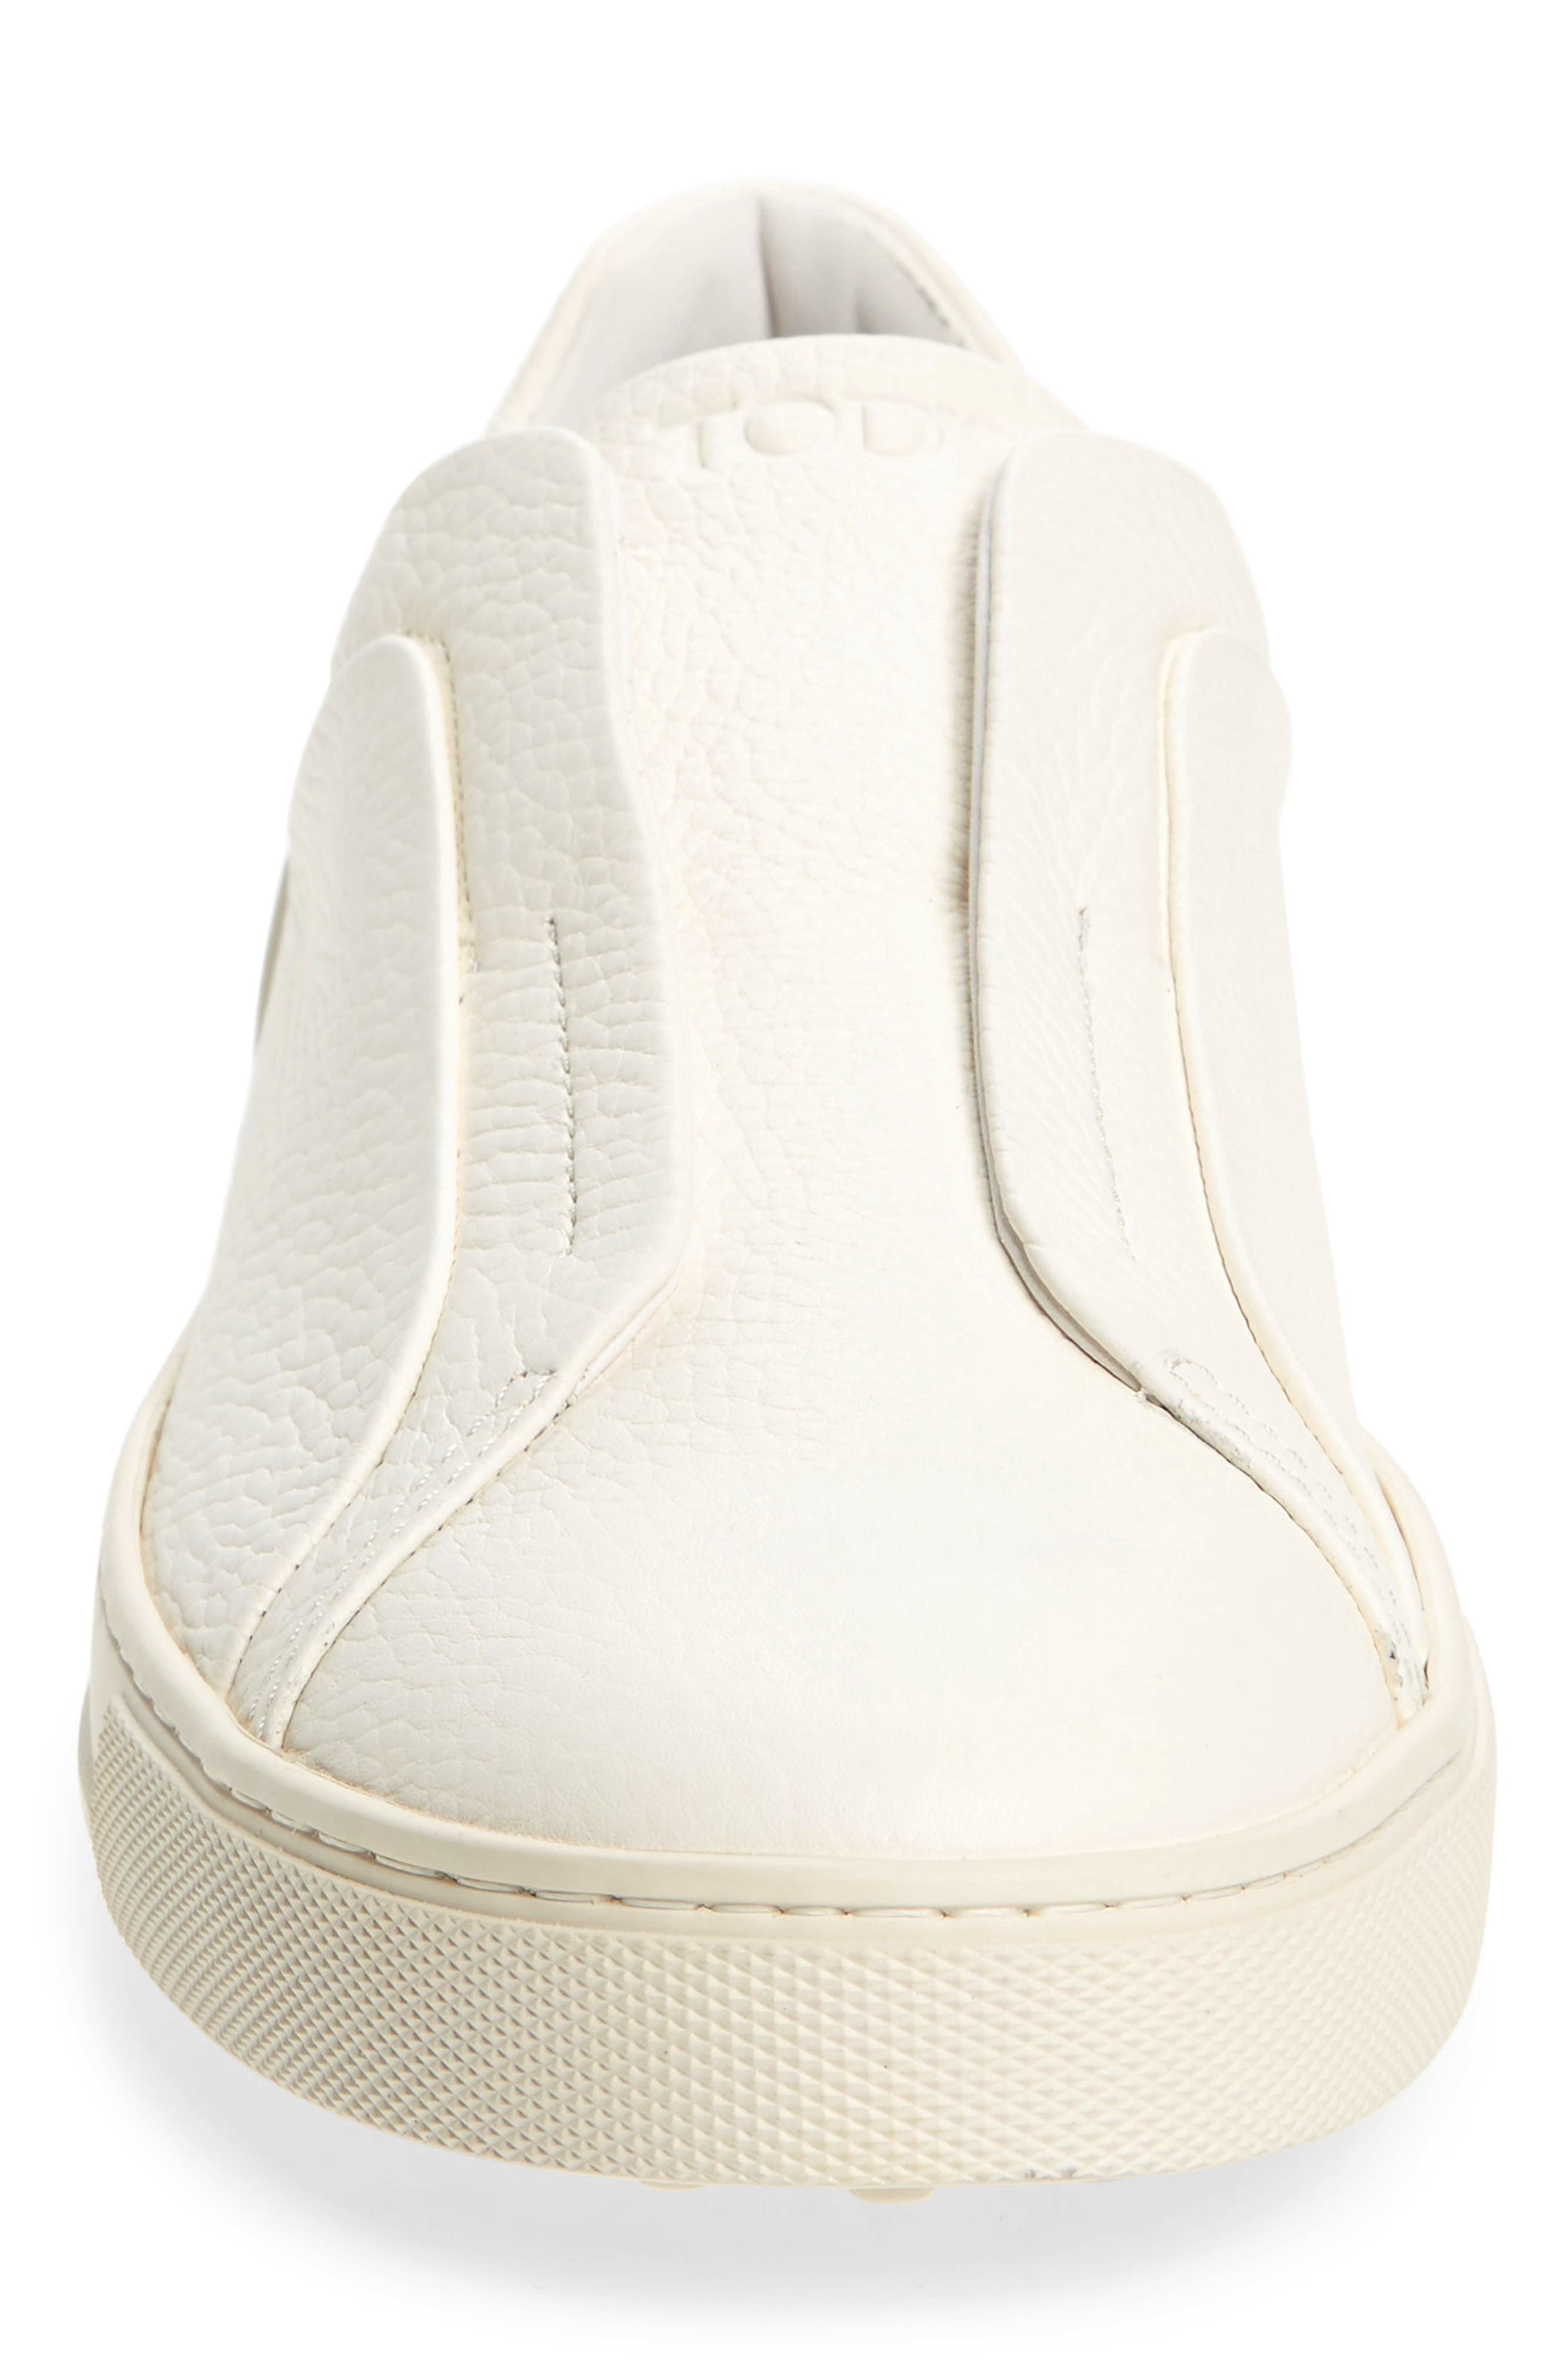 Cassetta Slip-on Sneaker,                             Alternate thumbnail 4, color,                             White